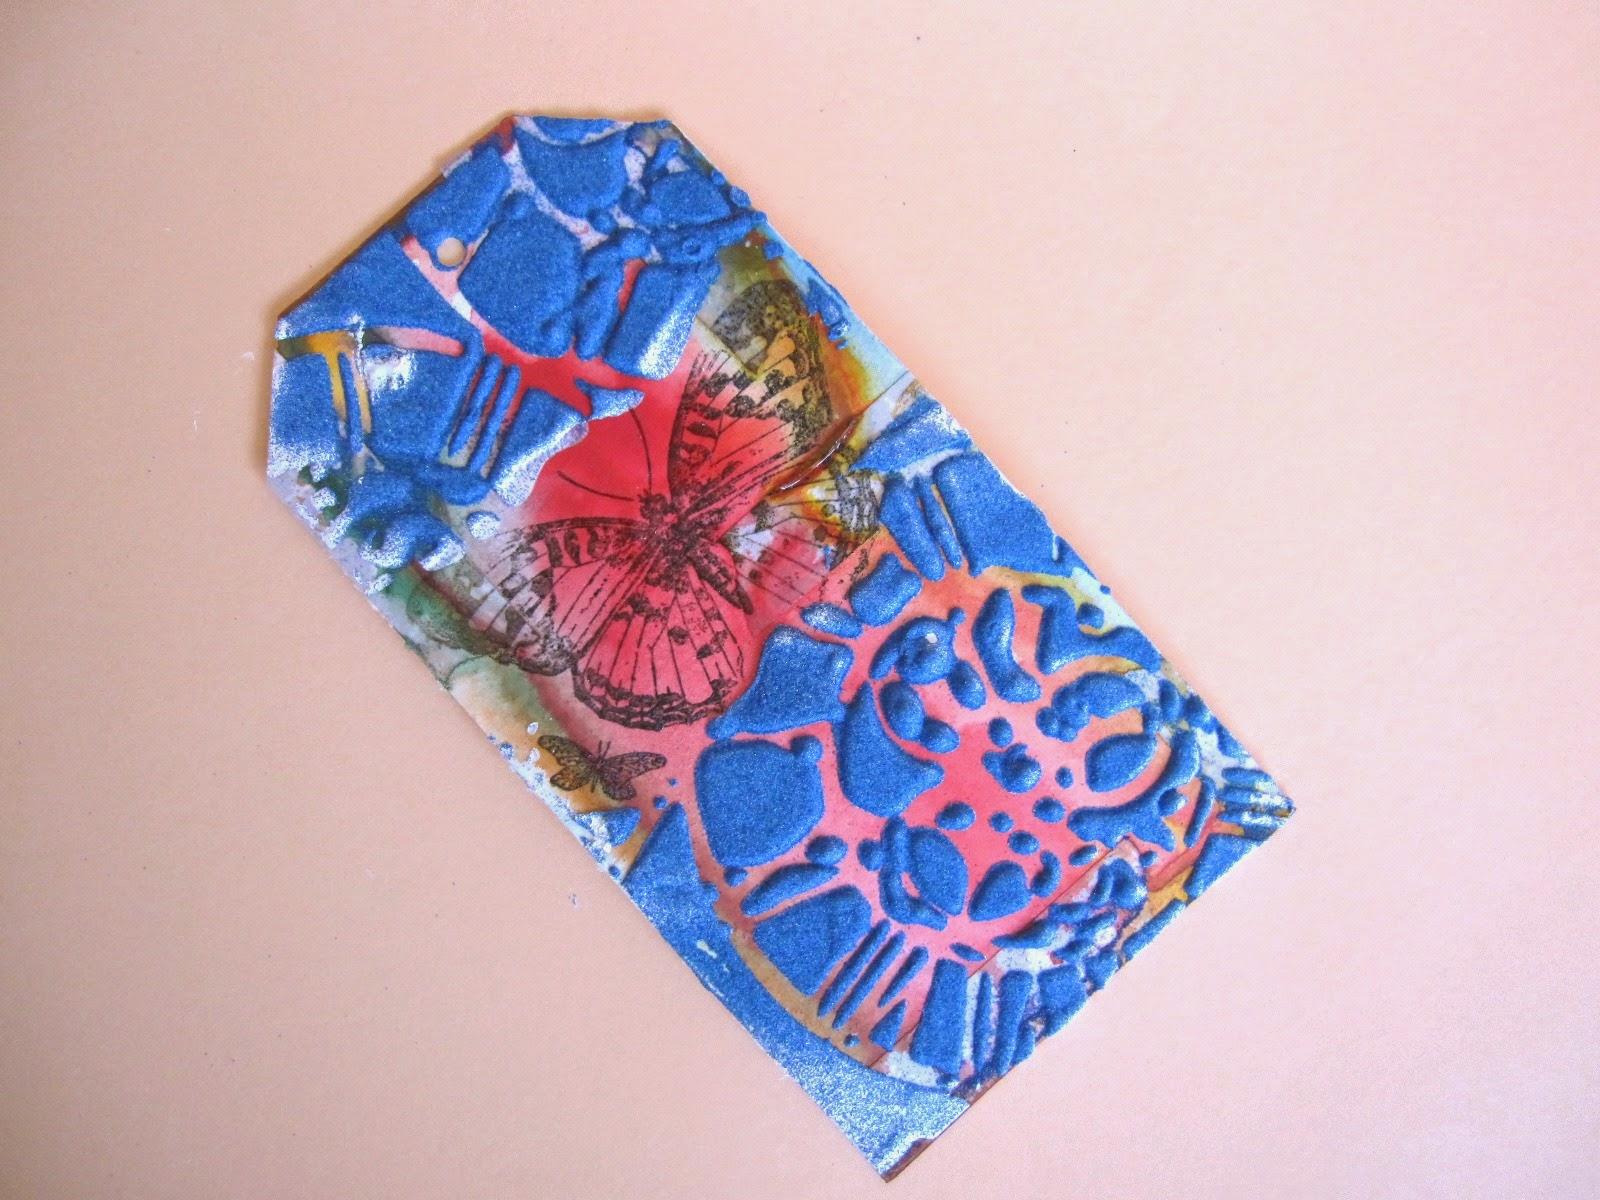 tercer paso tag marzo Celebrating Springtime: tag descartado con pasta dimensional y polvos de emboss azules